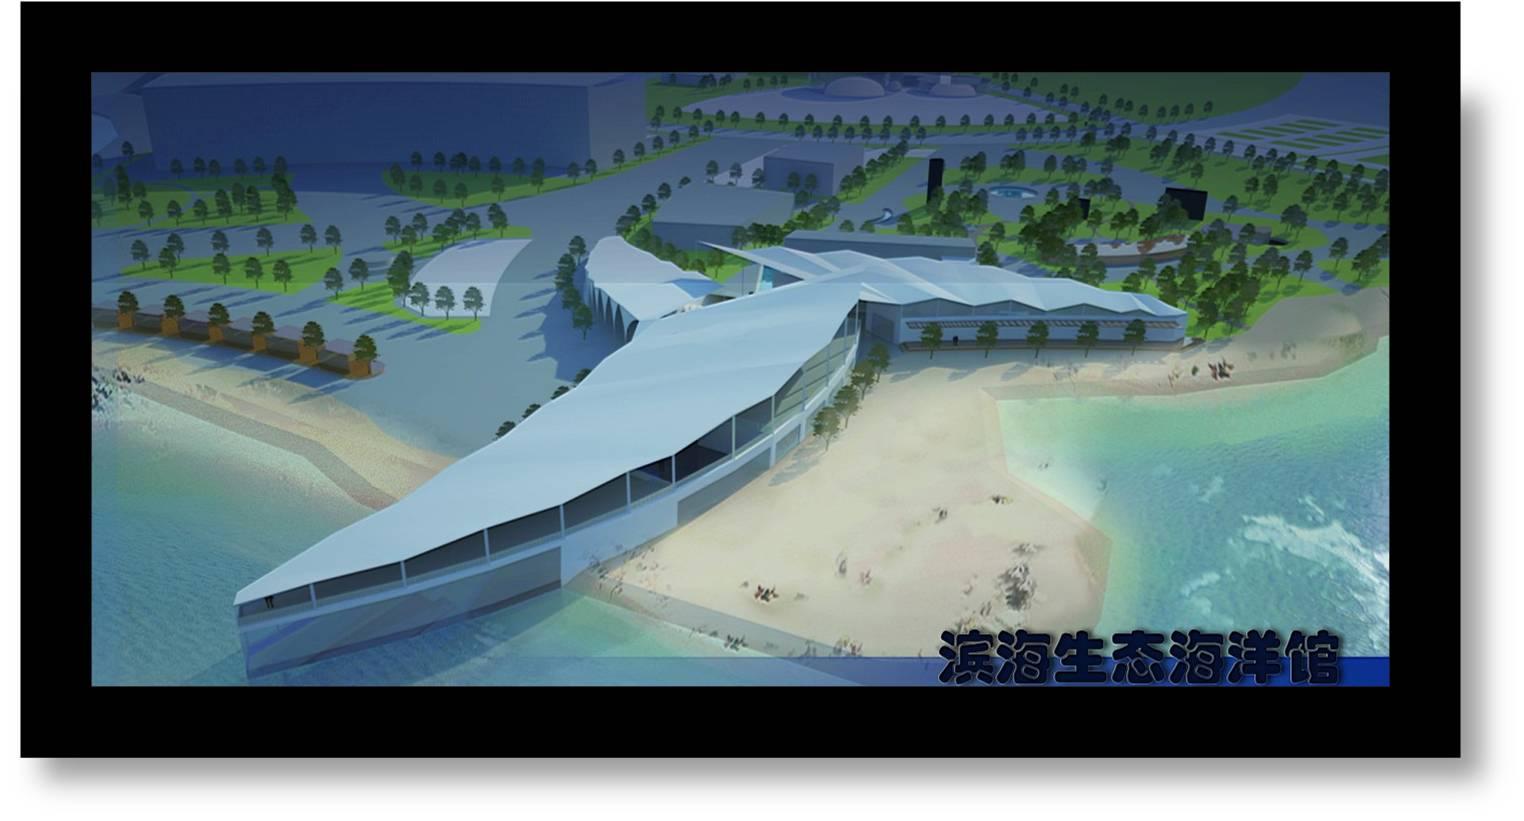 大学生绿色建筑创意设计大赛作品展示图片